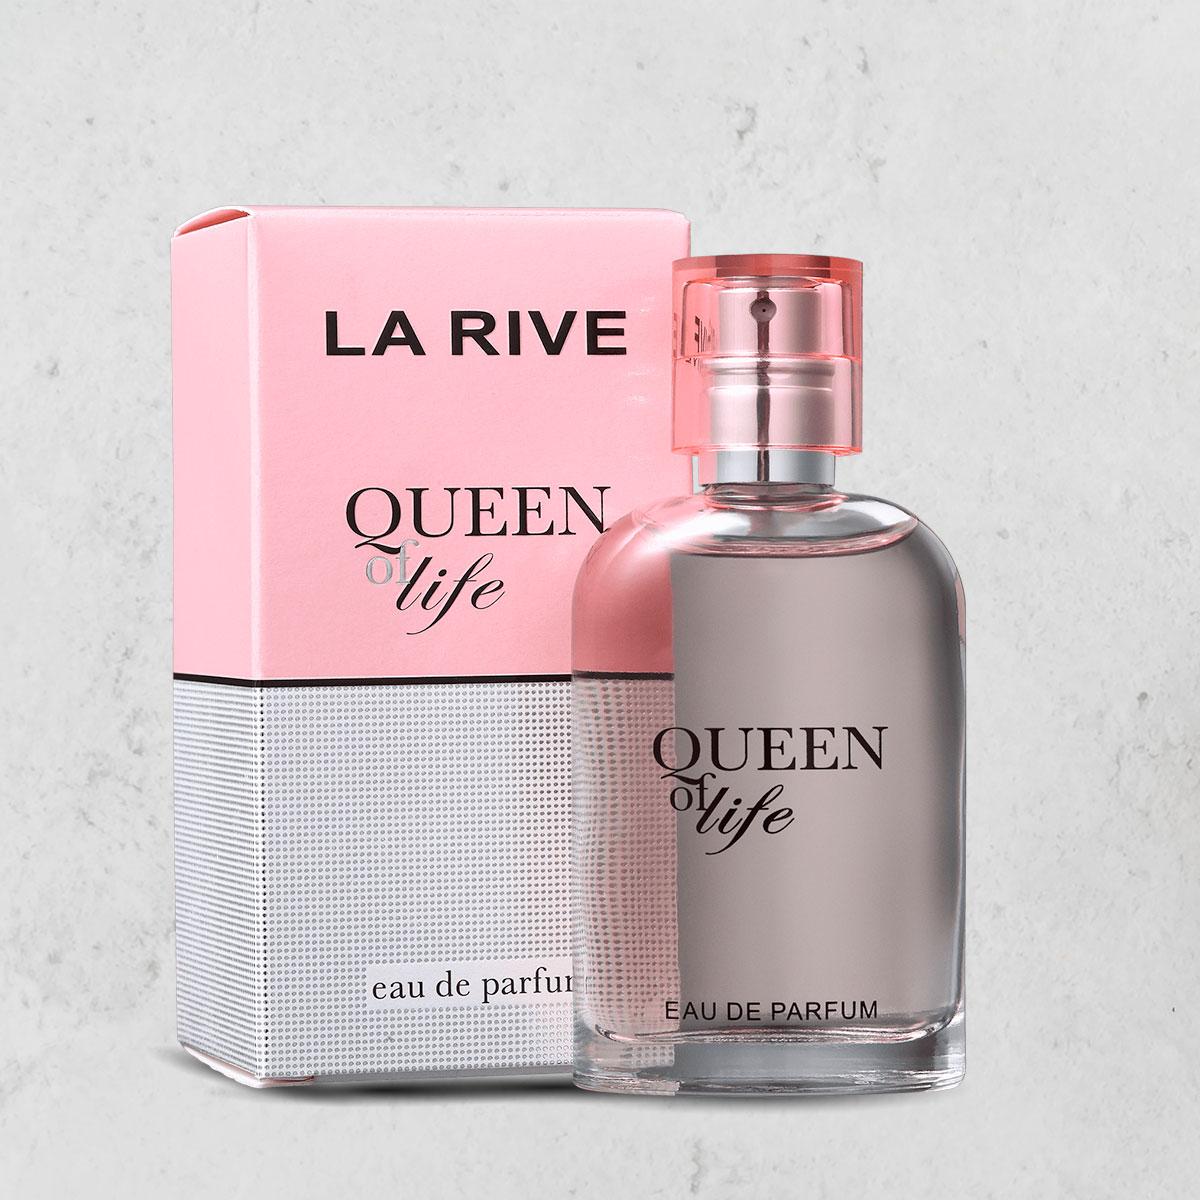 Perfume Queen Of Life Feminino Edt 30ml La Rive